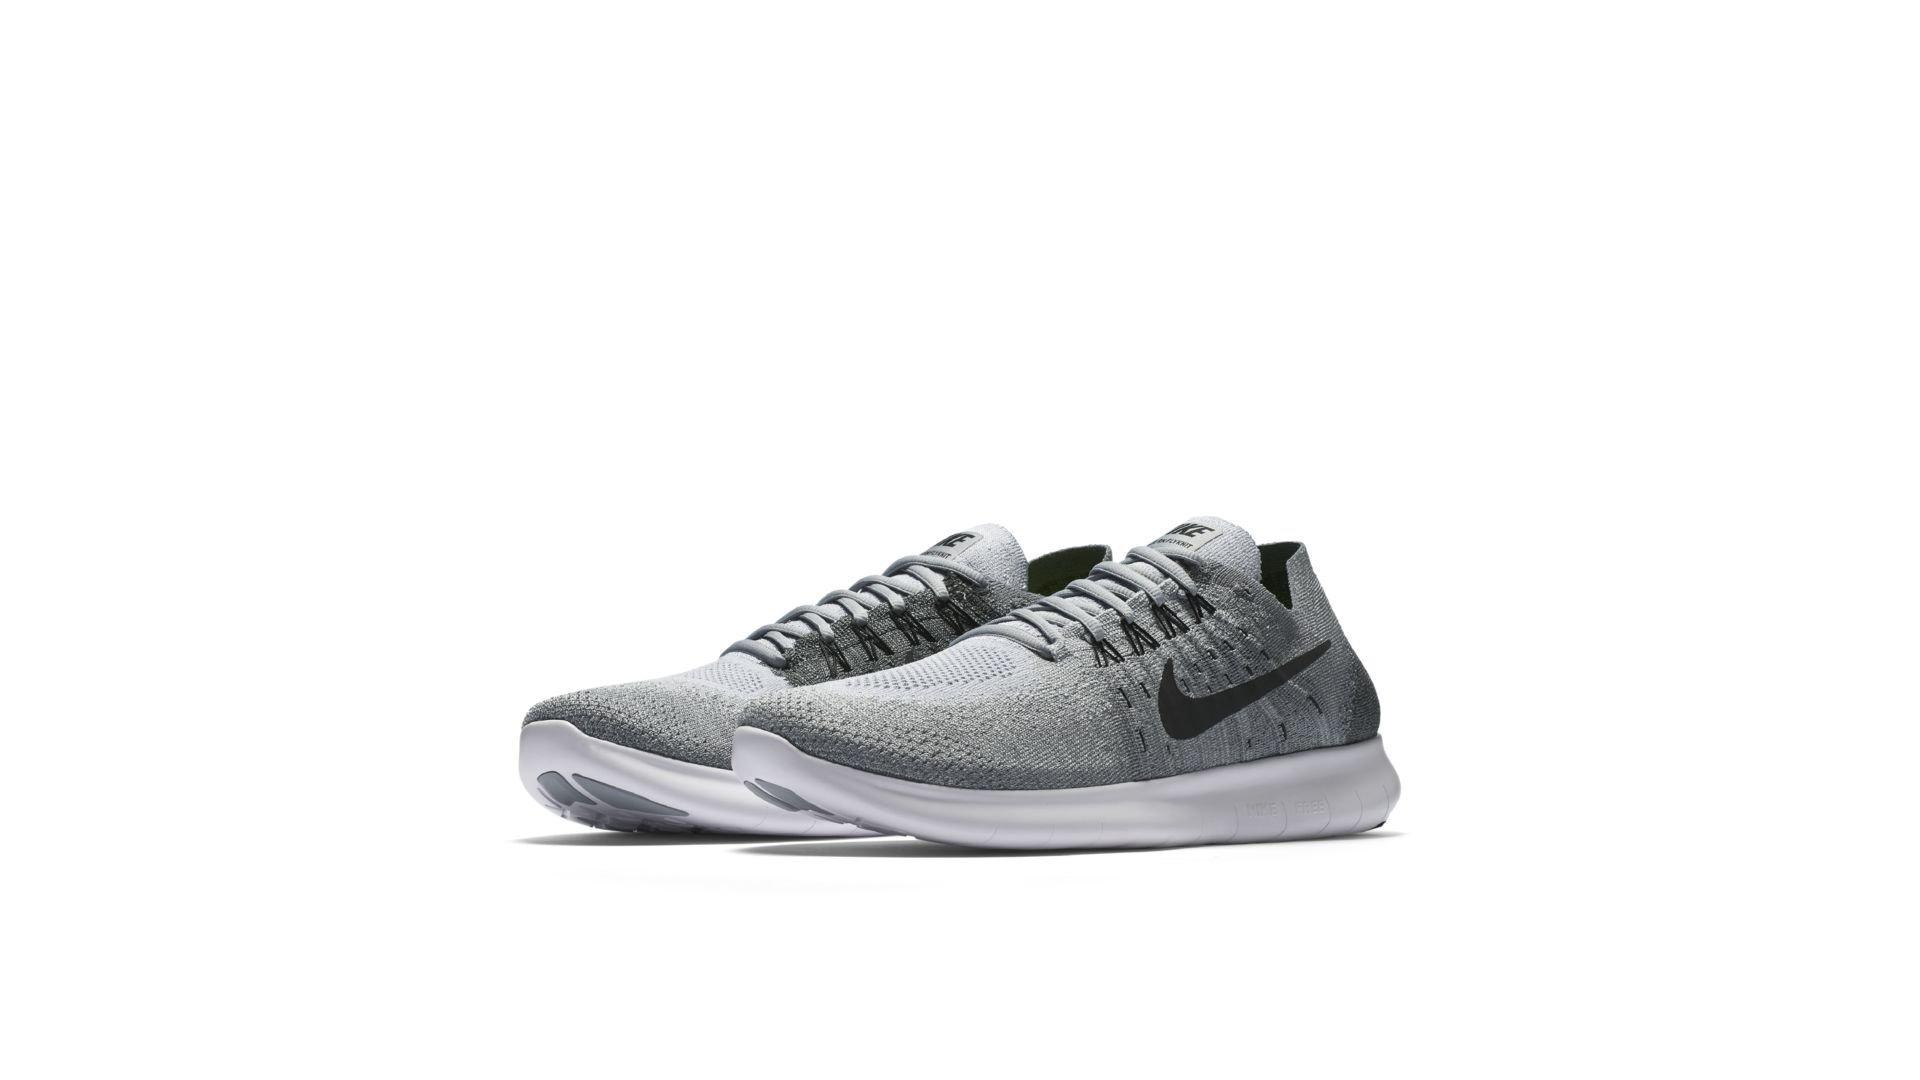 Nike Free RN Flyknit 2017 Wolf Grey (880843-002)